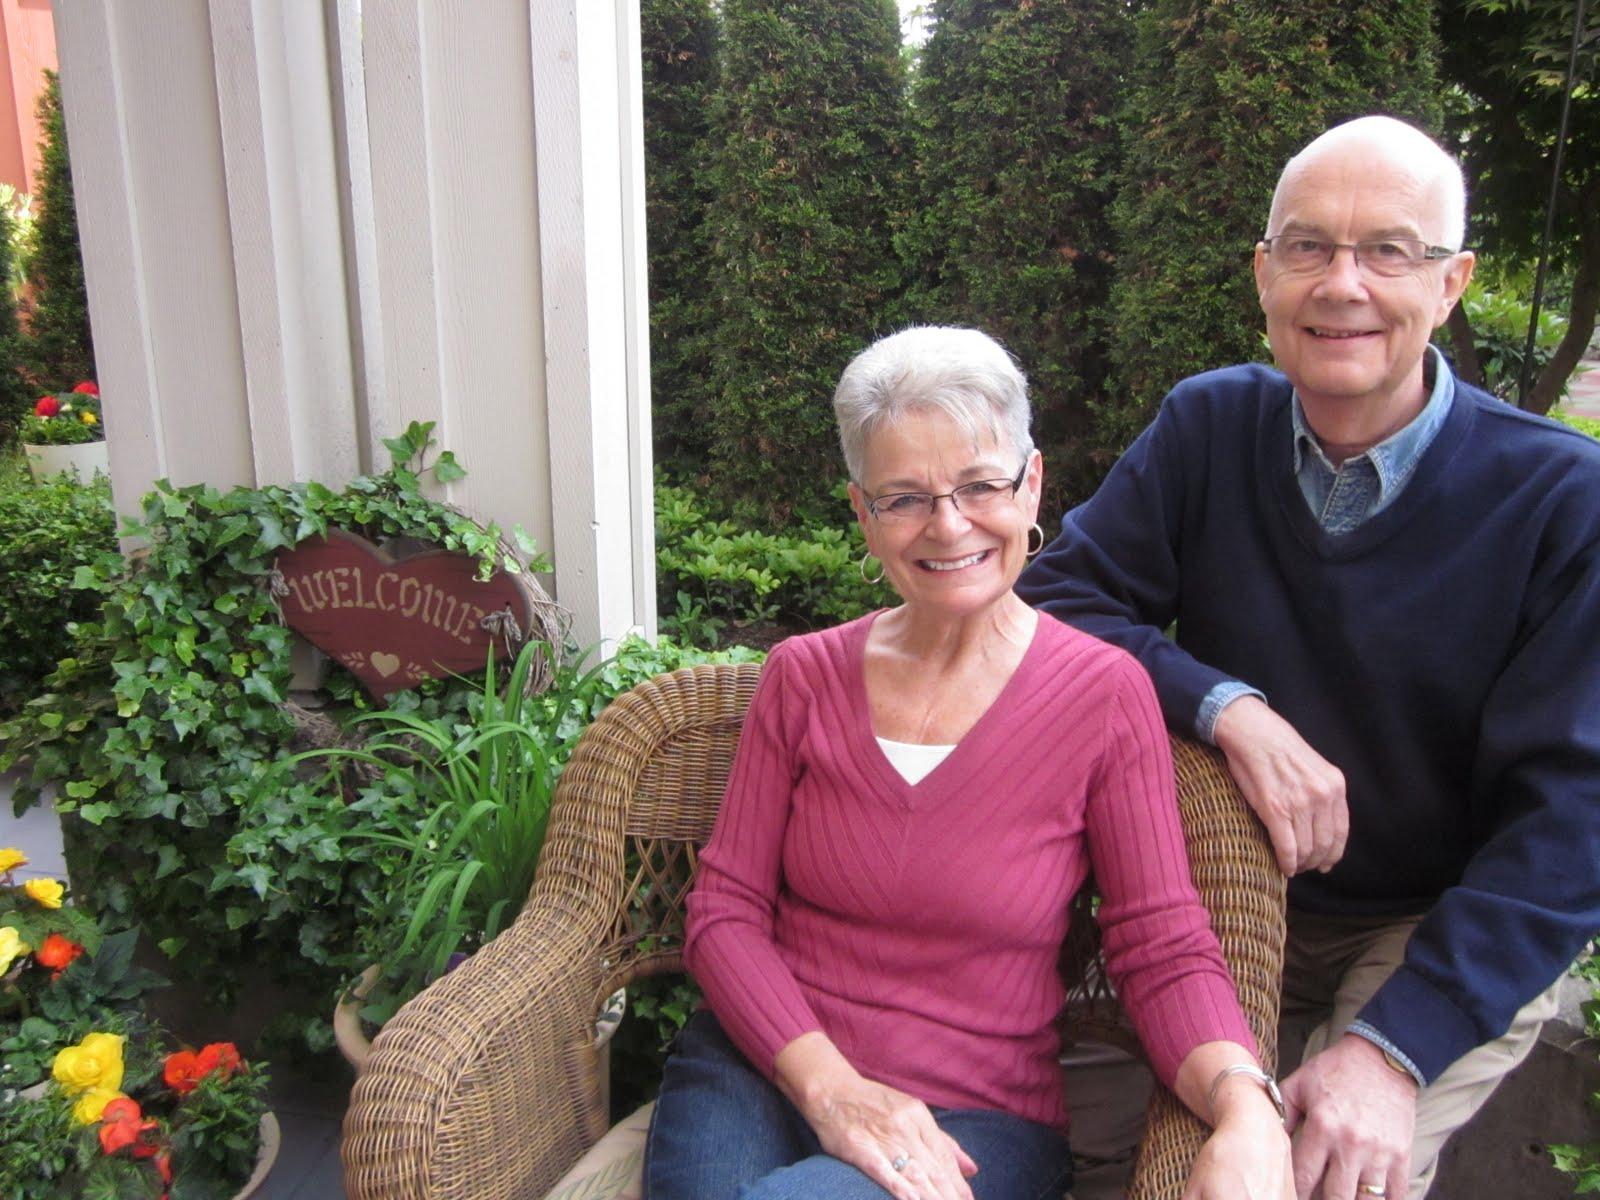 Bob and Carol's Blog